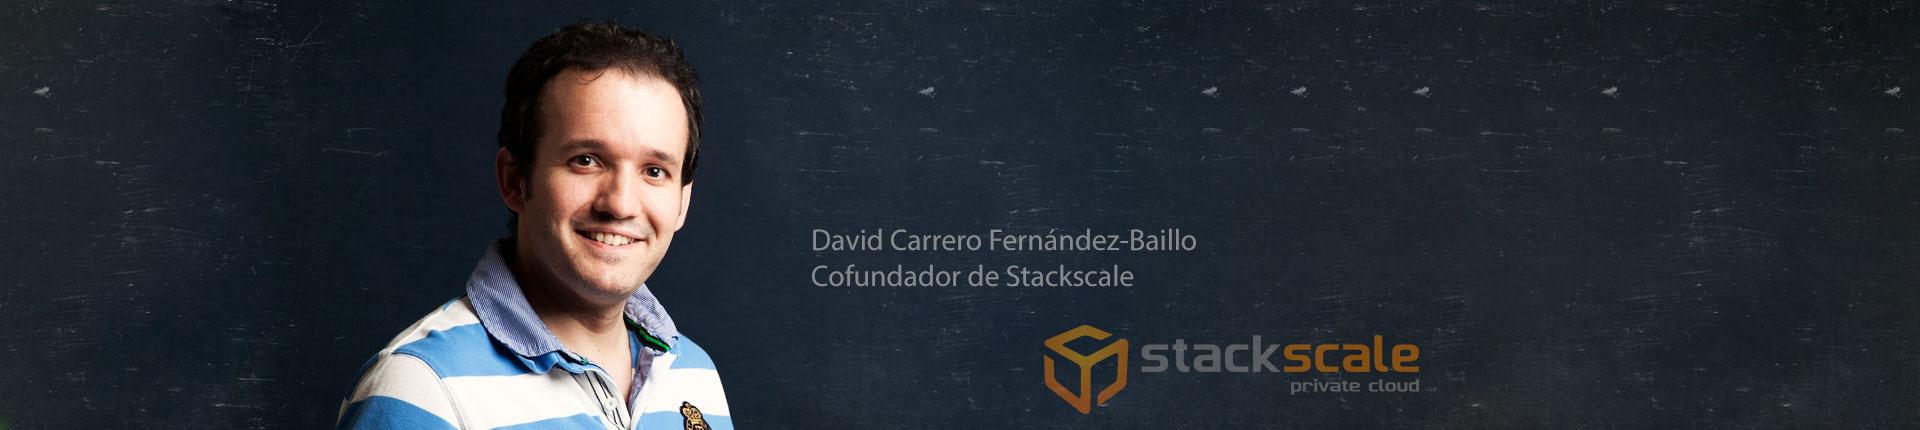 David Carrero participa en el programa de tecnología En.Digital